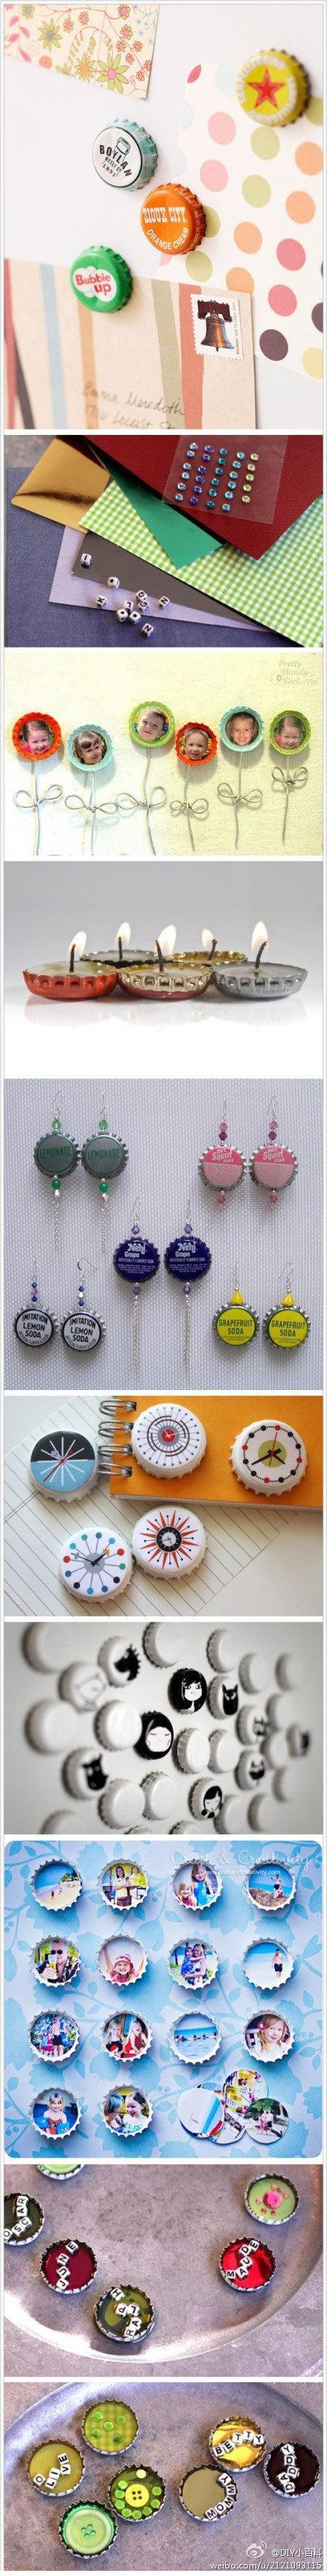 Bottle caps: Bottle Caps, Bottlecap, Bottle Tops, Crafts Ideas, Bottle Cap Crafts, Cap Ideas, Head Of Garlic, Bottle Cap Art, Diy